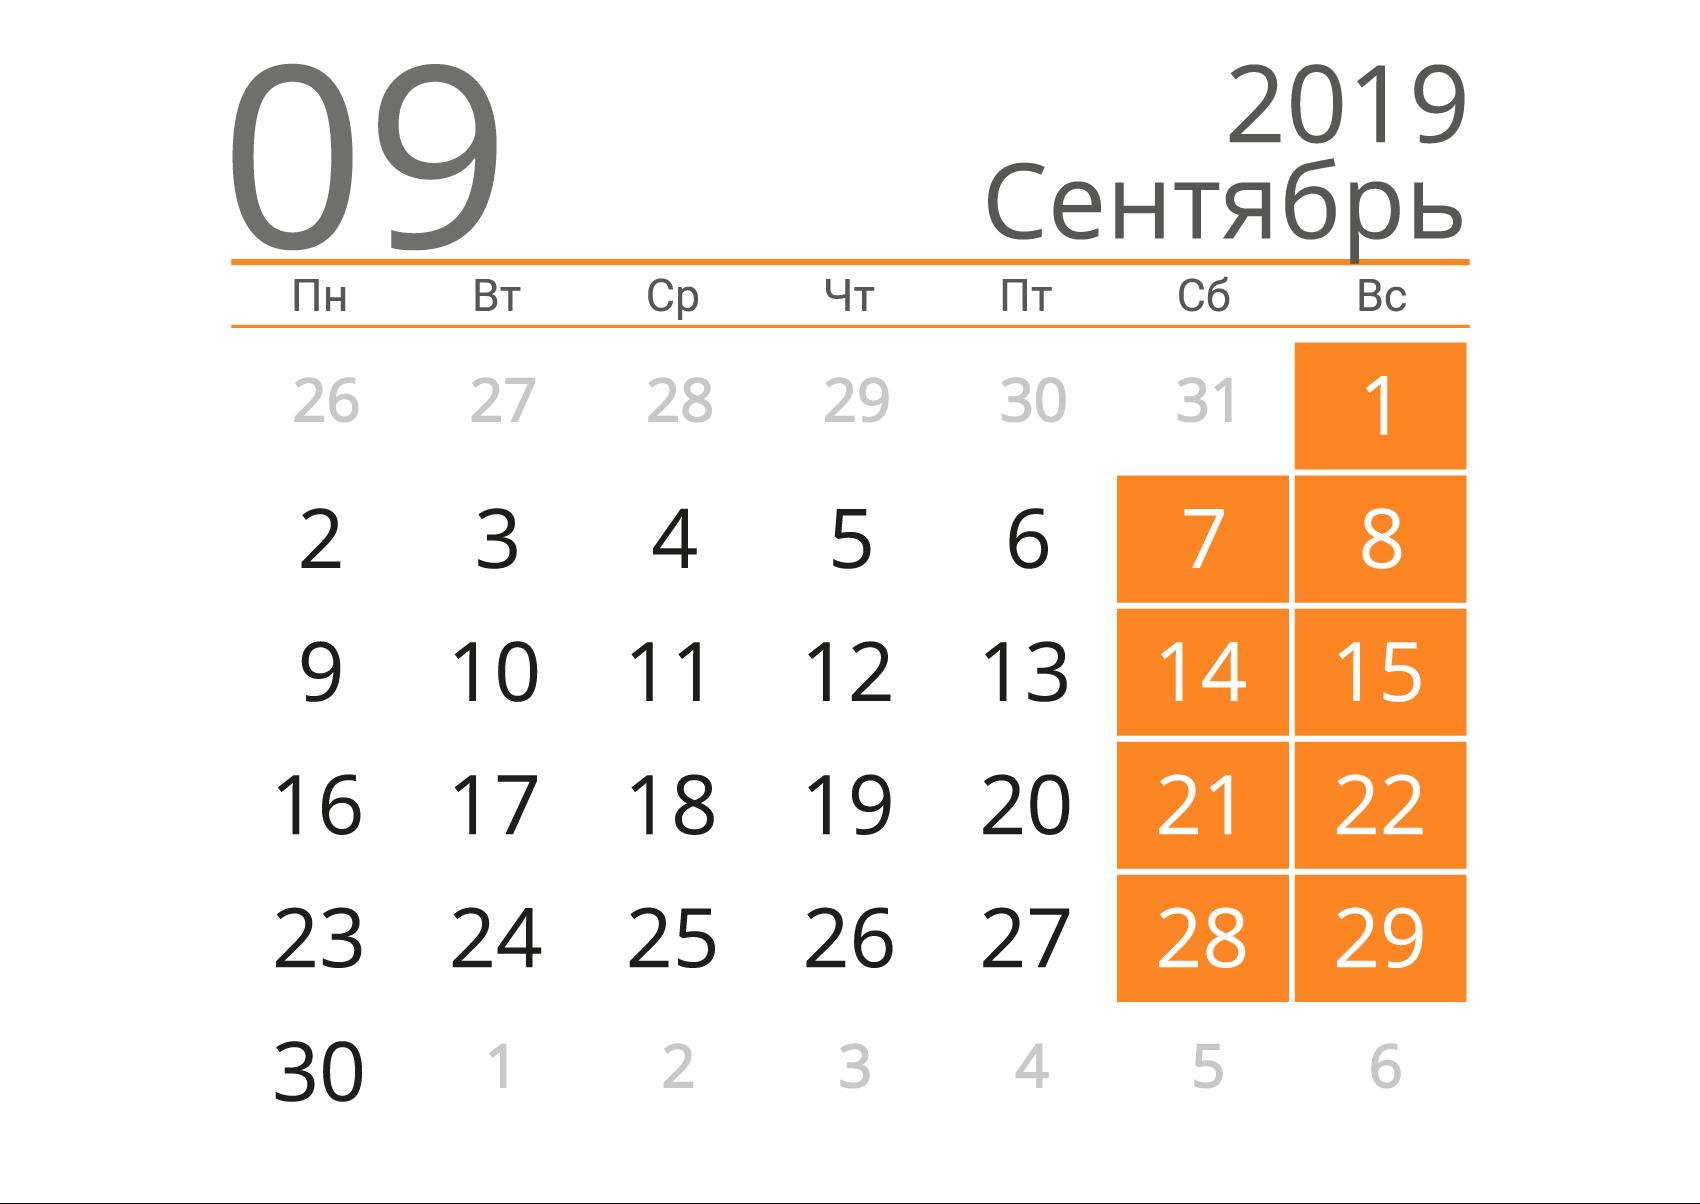 Неблагоприятный период в сентябре фото